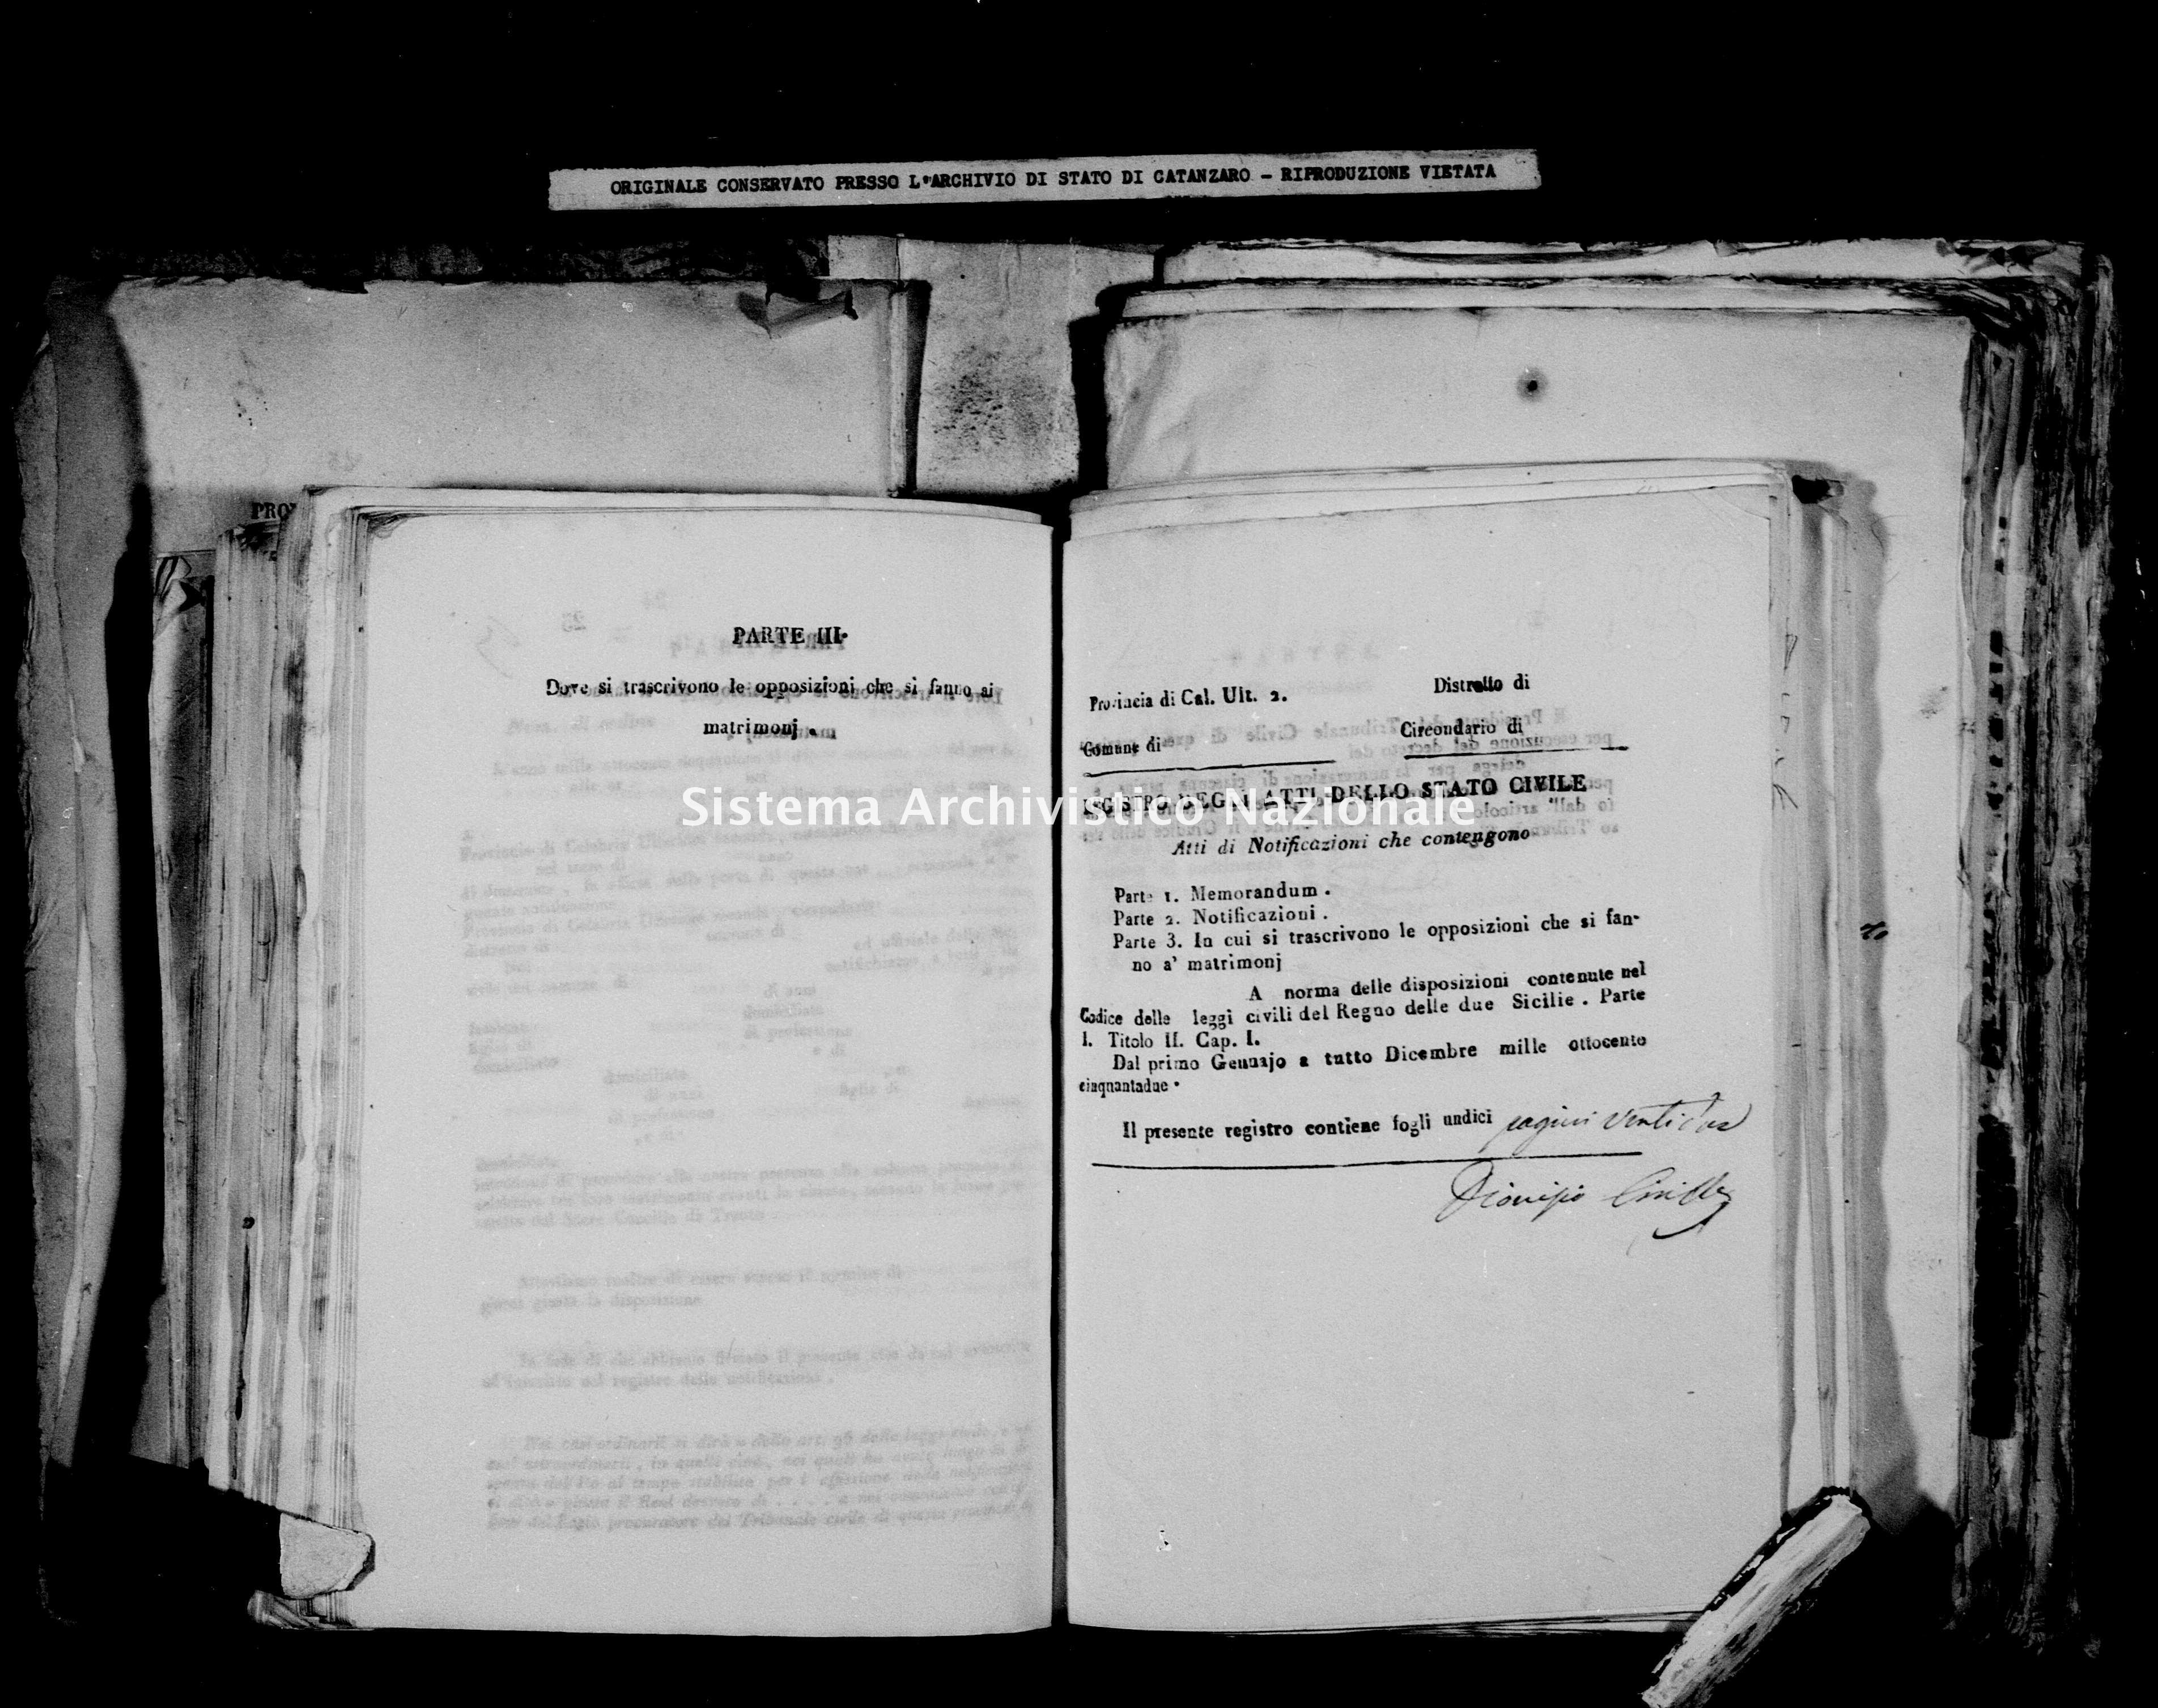 Archivio di stato di Catanzaro - Stato civile della restaurazione - Bella - Matrimoni, notificazioni - 1852 -